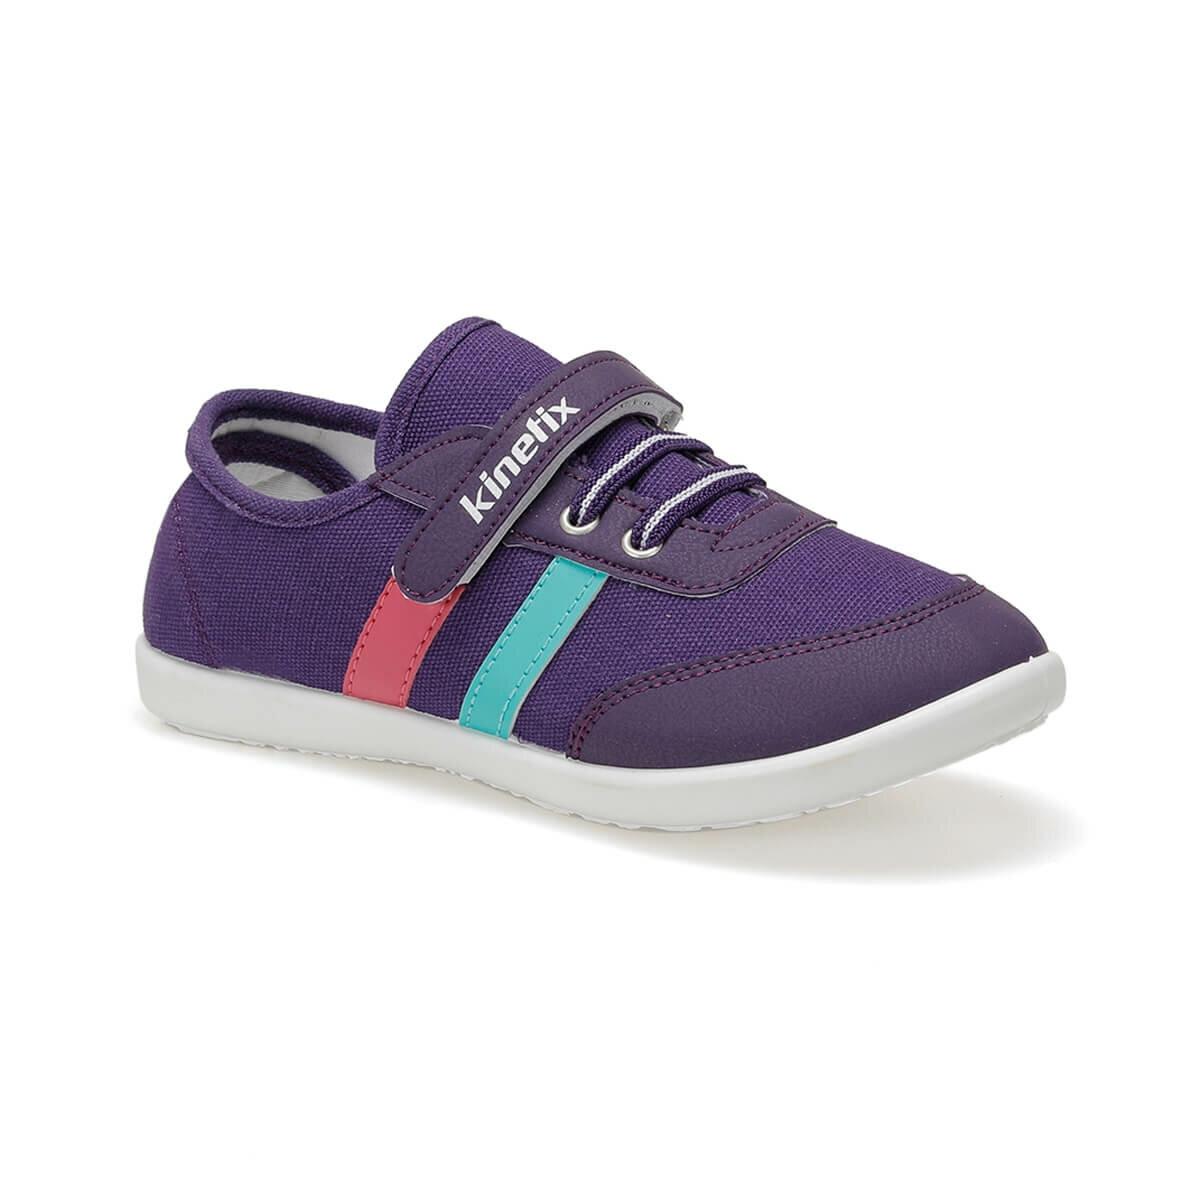 FLO BALEN Purple Female Child Sneaker Shoes KINETIX